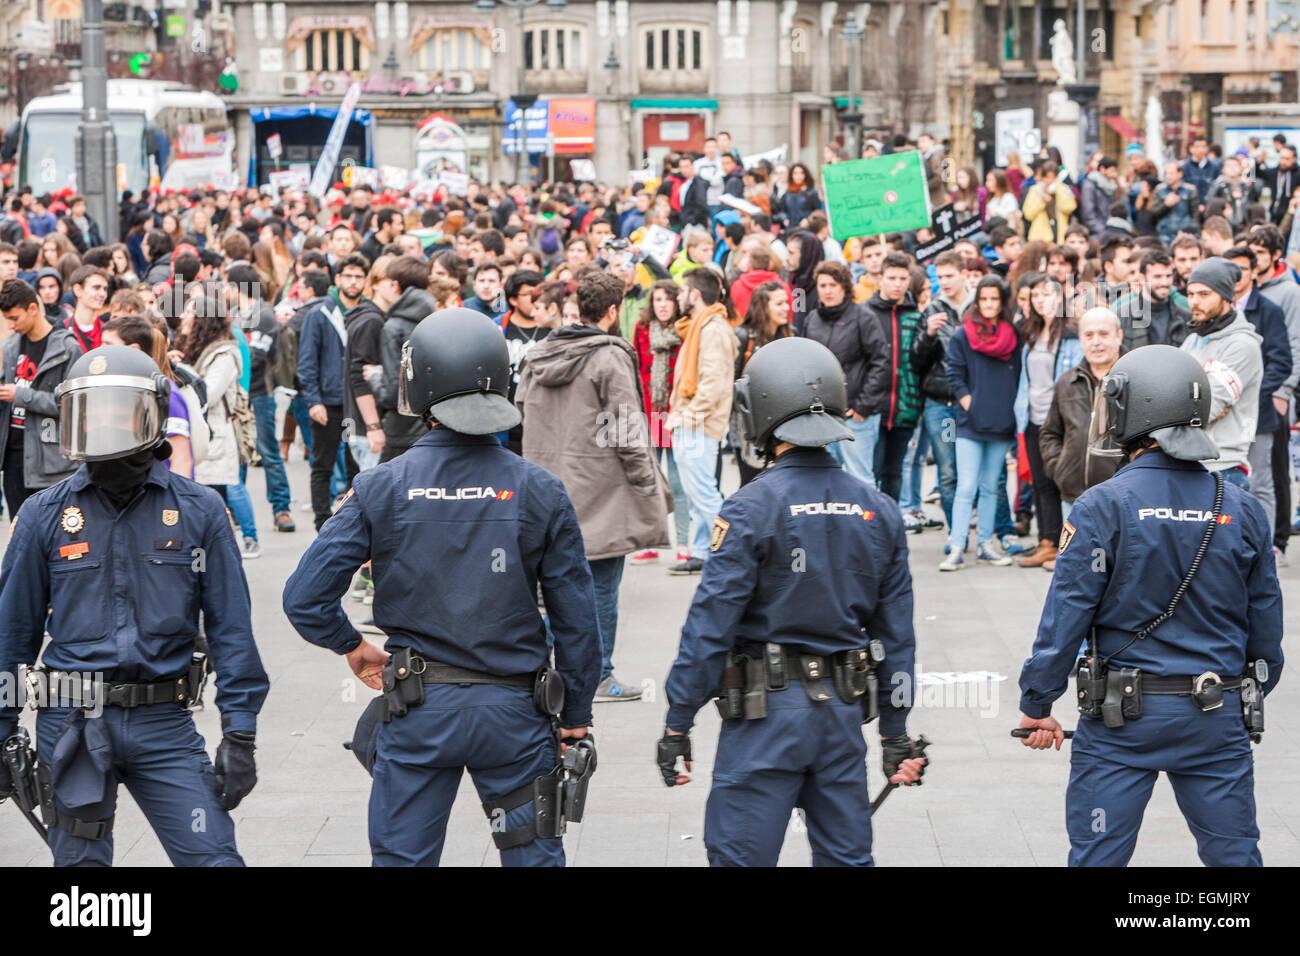 Madrid, España. 26 Feb, 2015. La policía antidisturbios en Plaza del ...